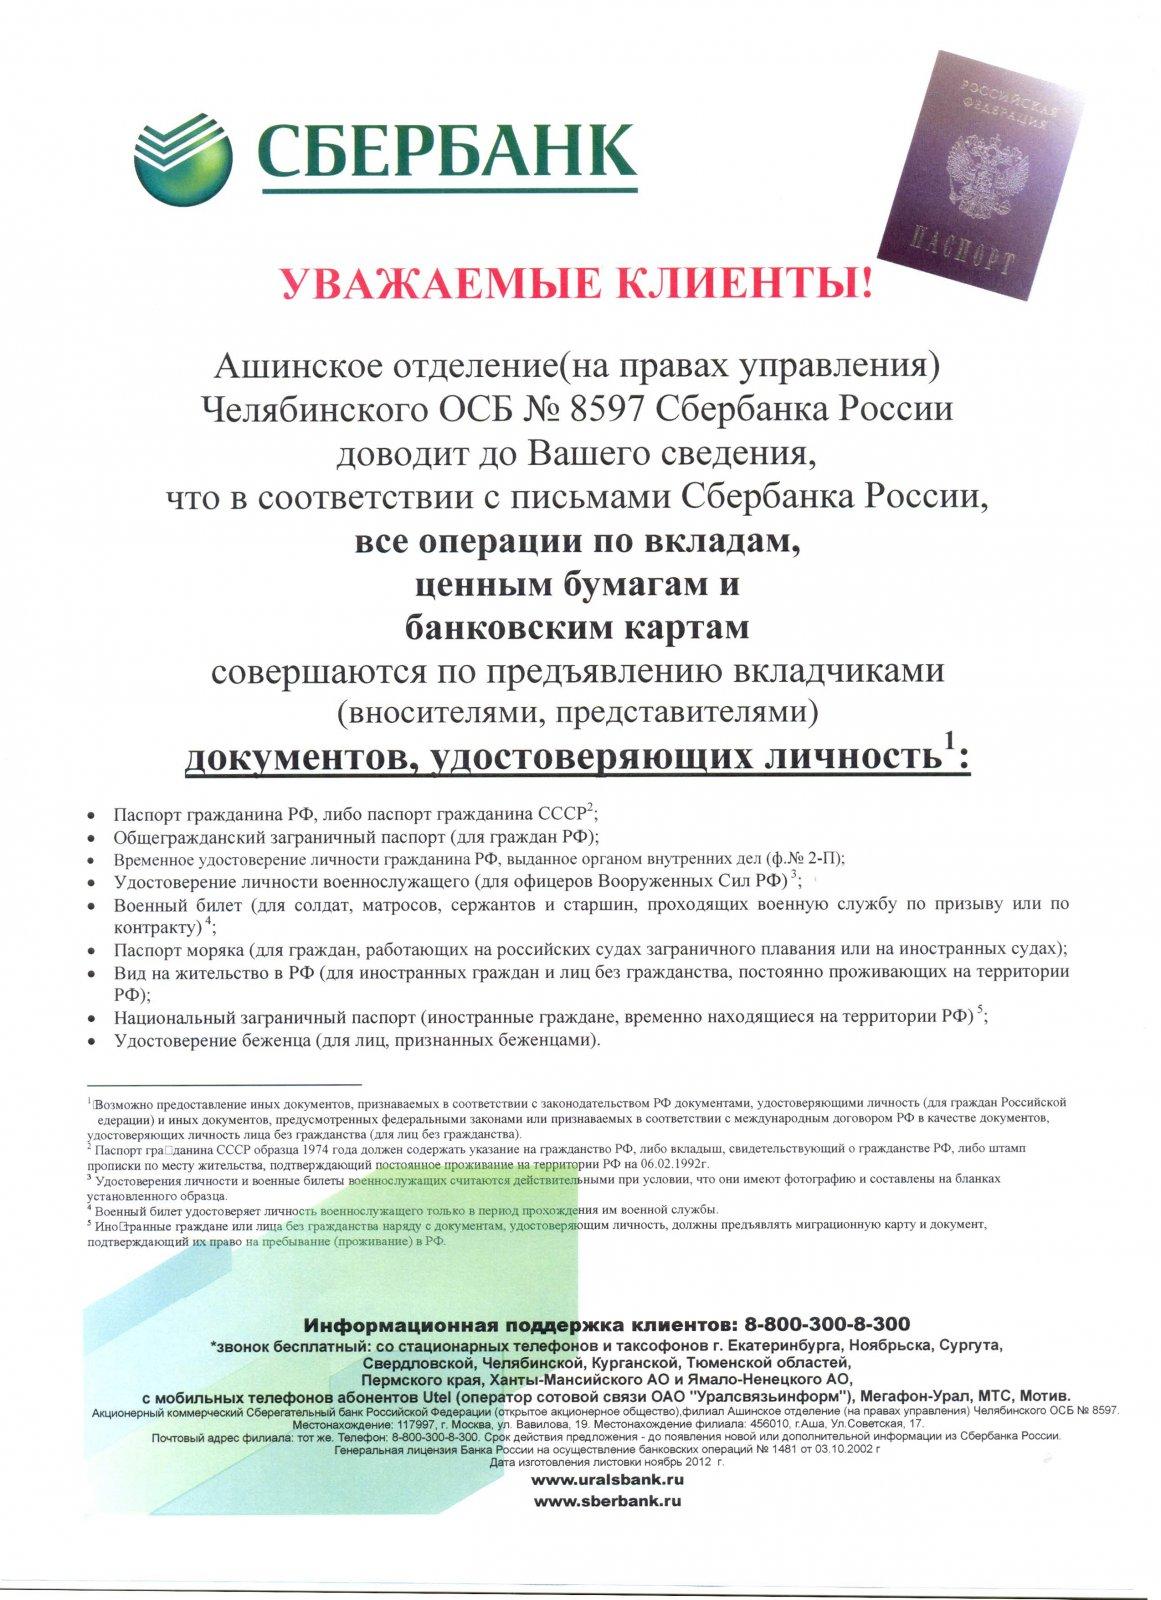 паспорт отделения лпу образец